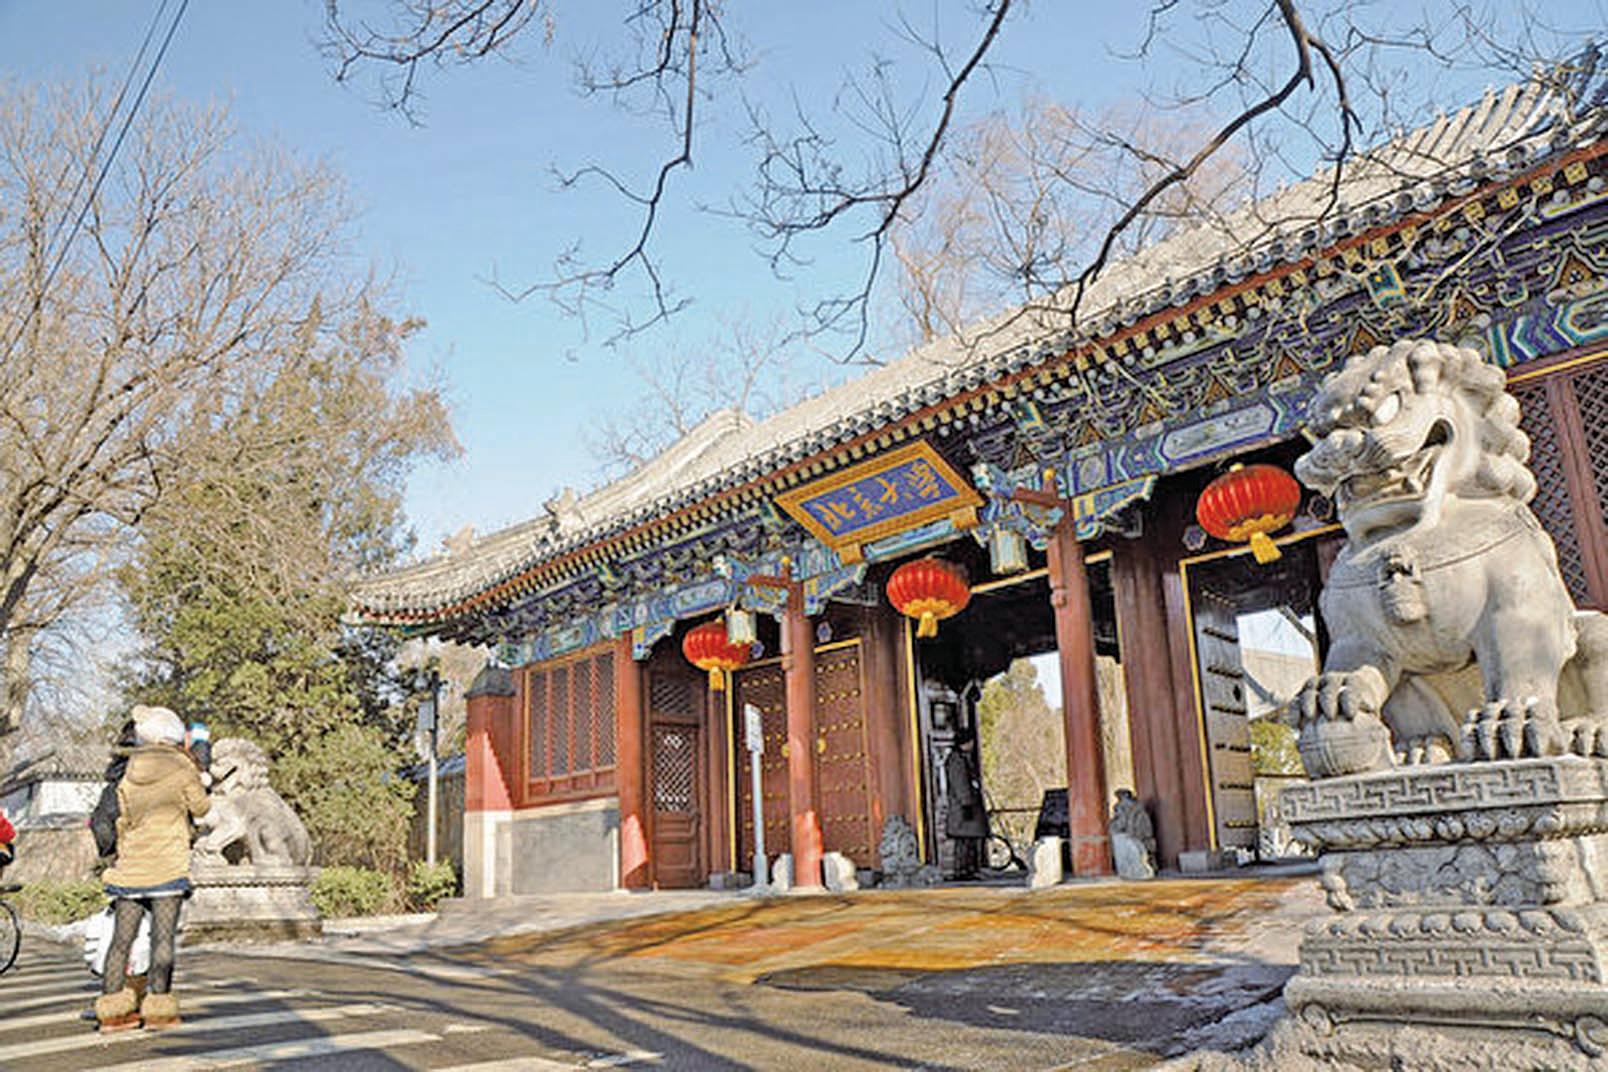 北京大學控股國企北大方正集團持有的11億股方正證券股份12月24日被司法凍結,凍結原因是涉及債務糾紛,北大方正深陷債務違約風險。圖為北京大學西門。(大紀元資料室)